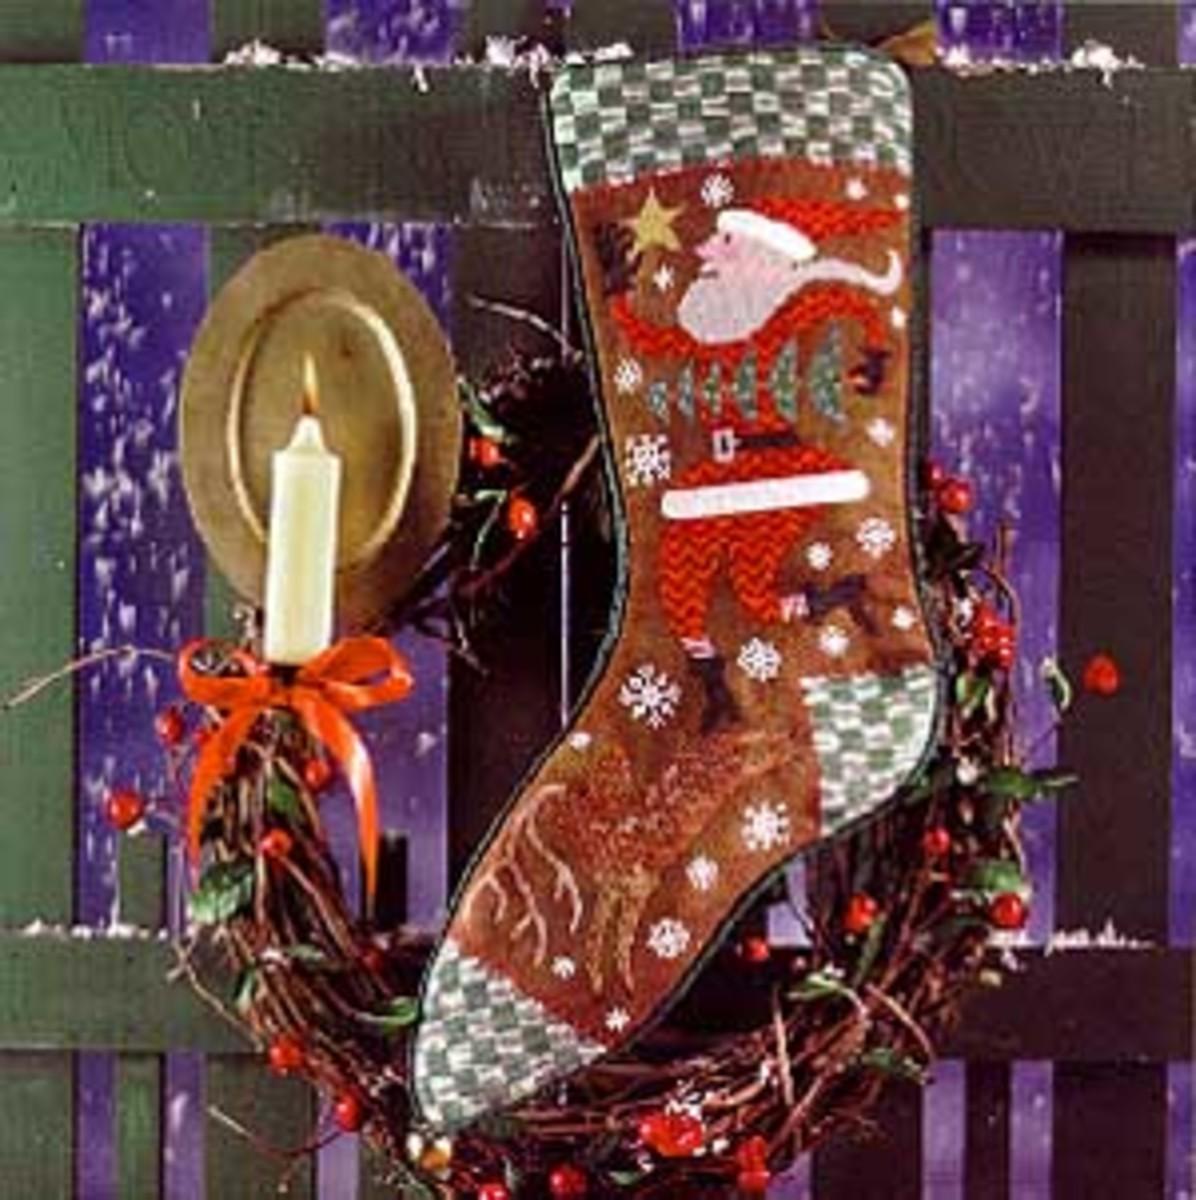 Embroidered Christmas Stockings Kits